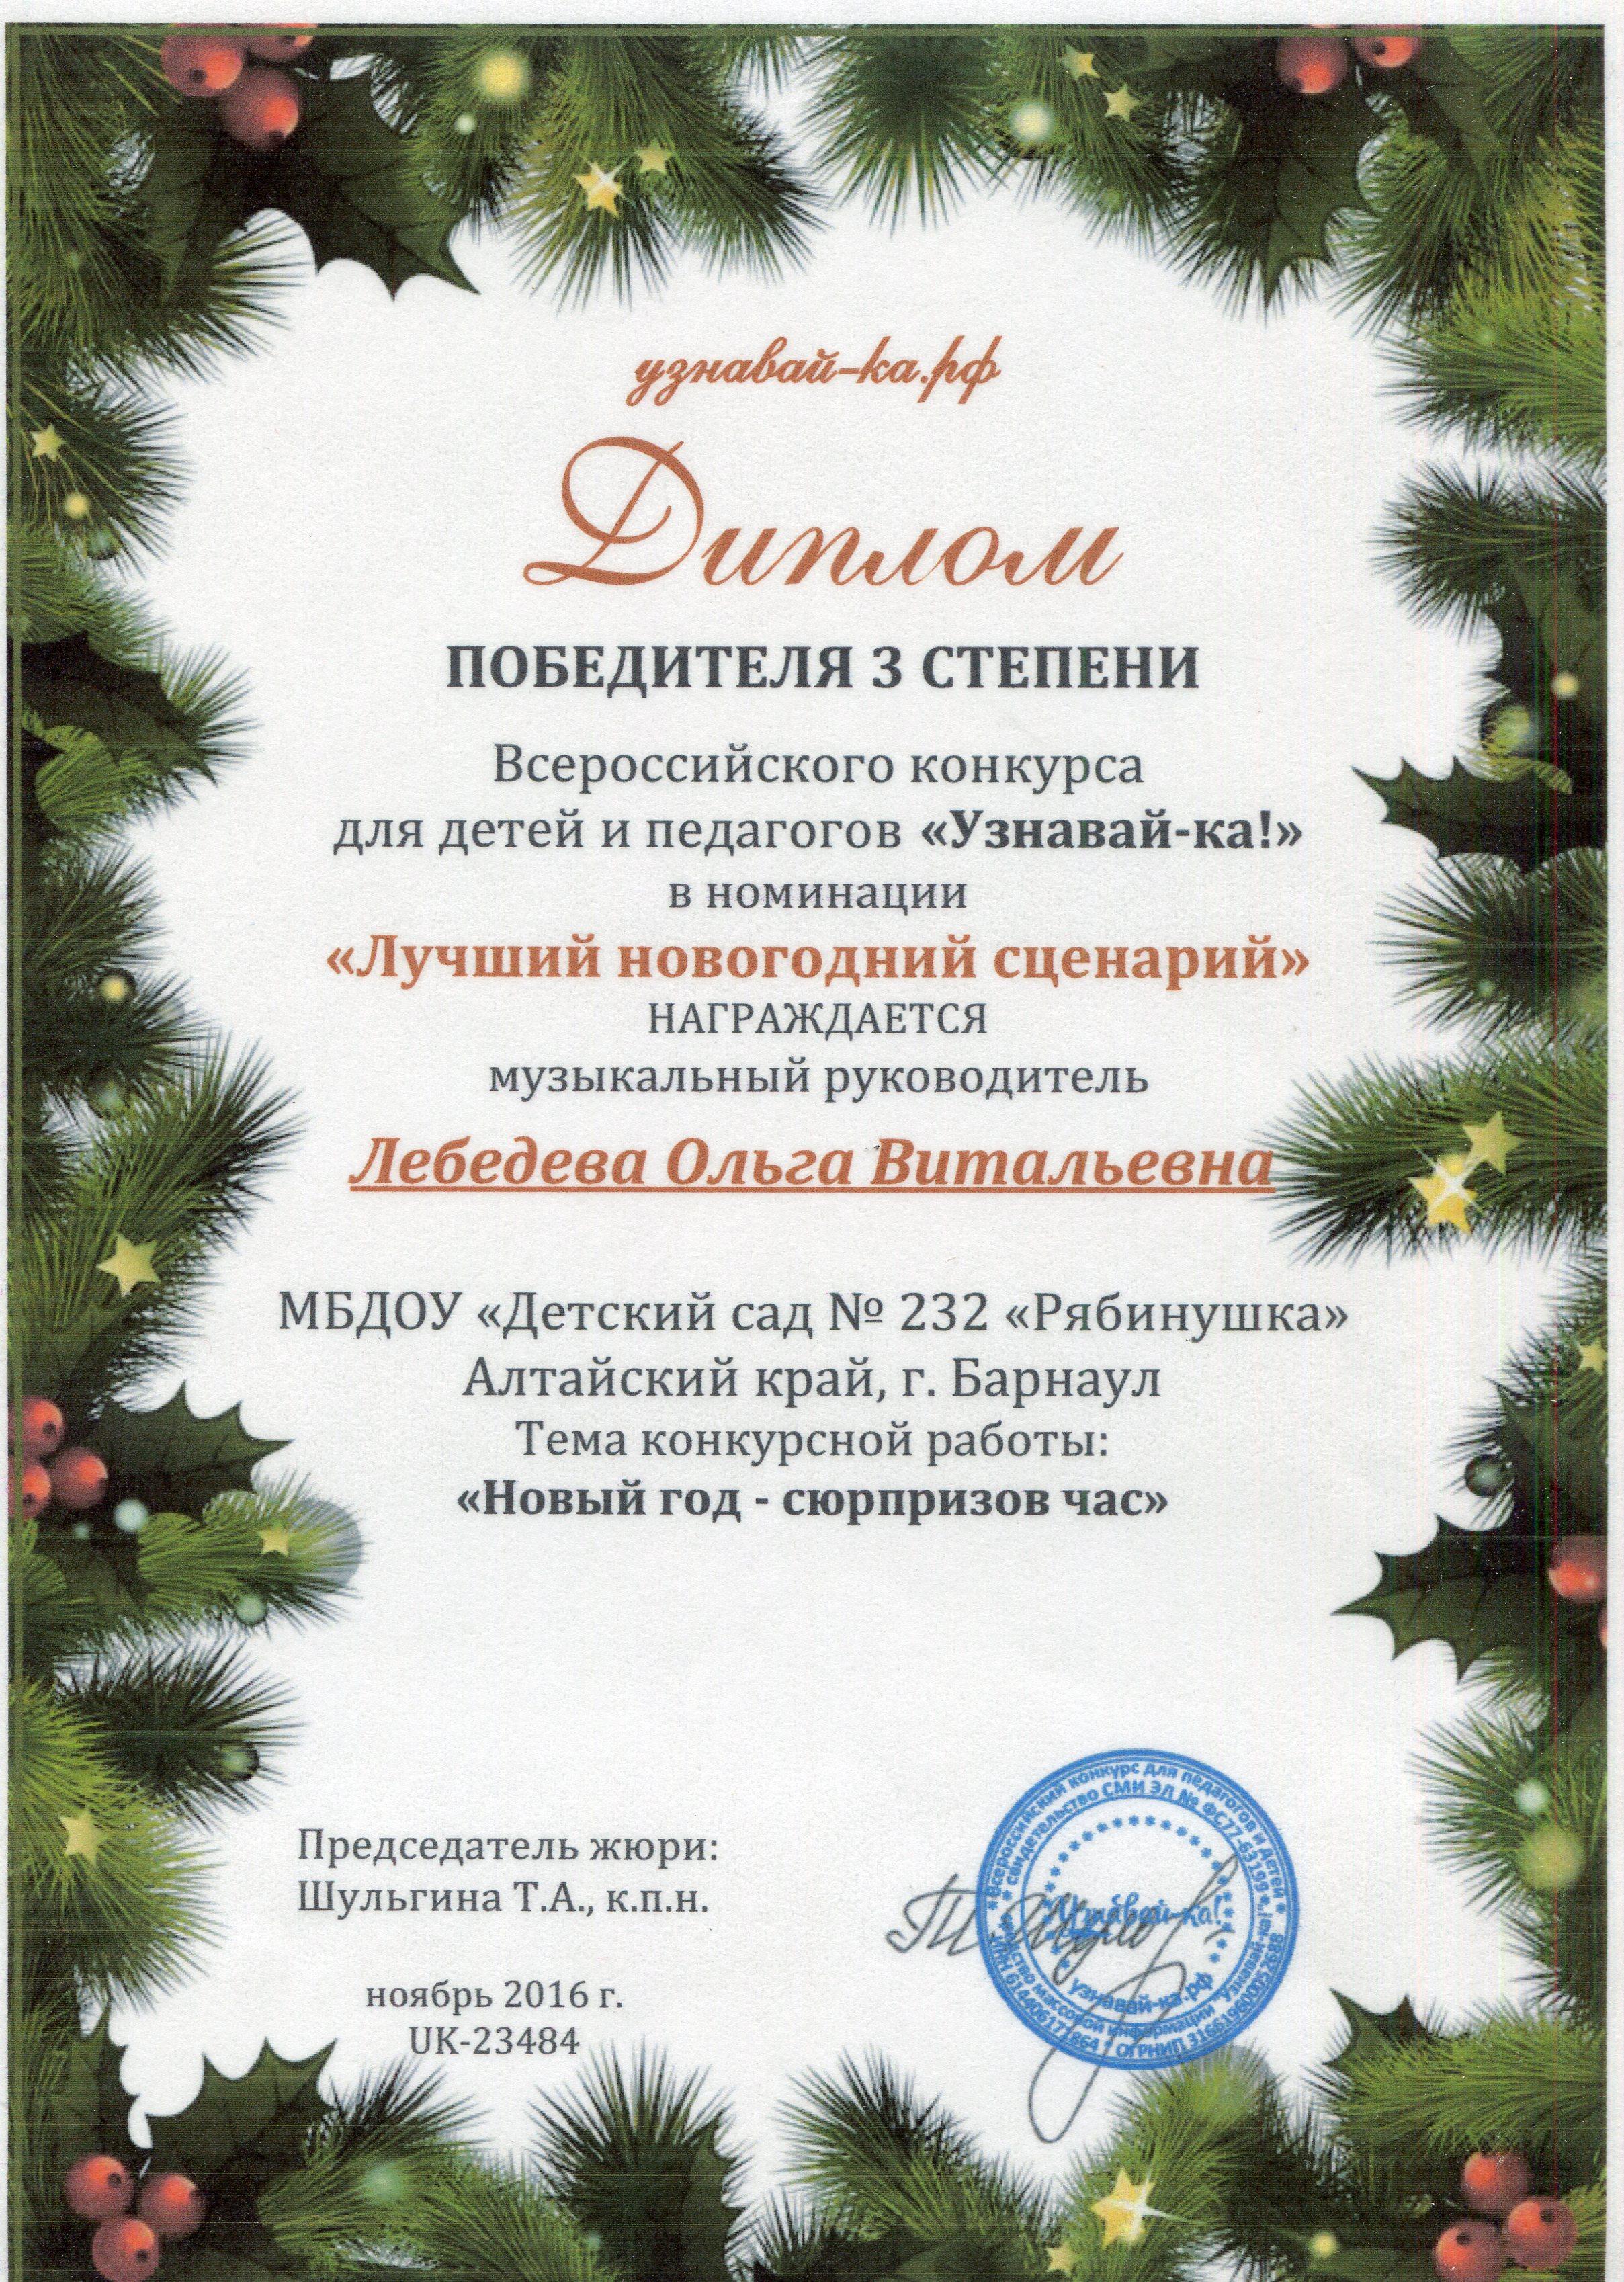 Диплом-конкурса-Узнавай-ка-2016г